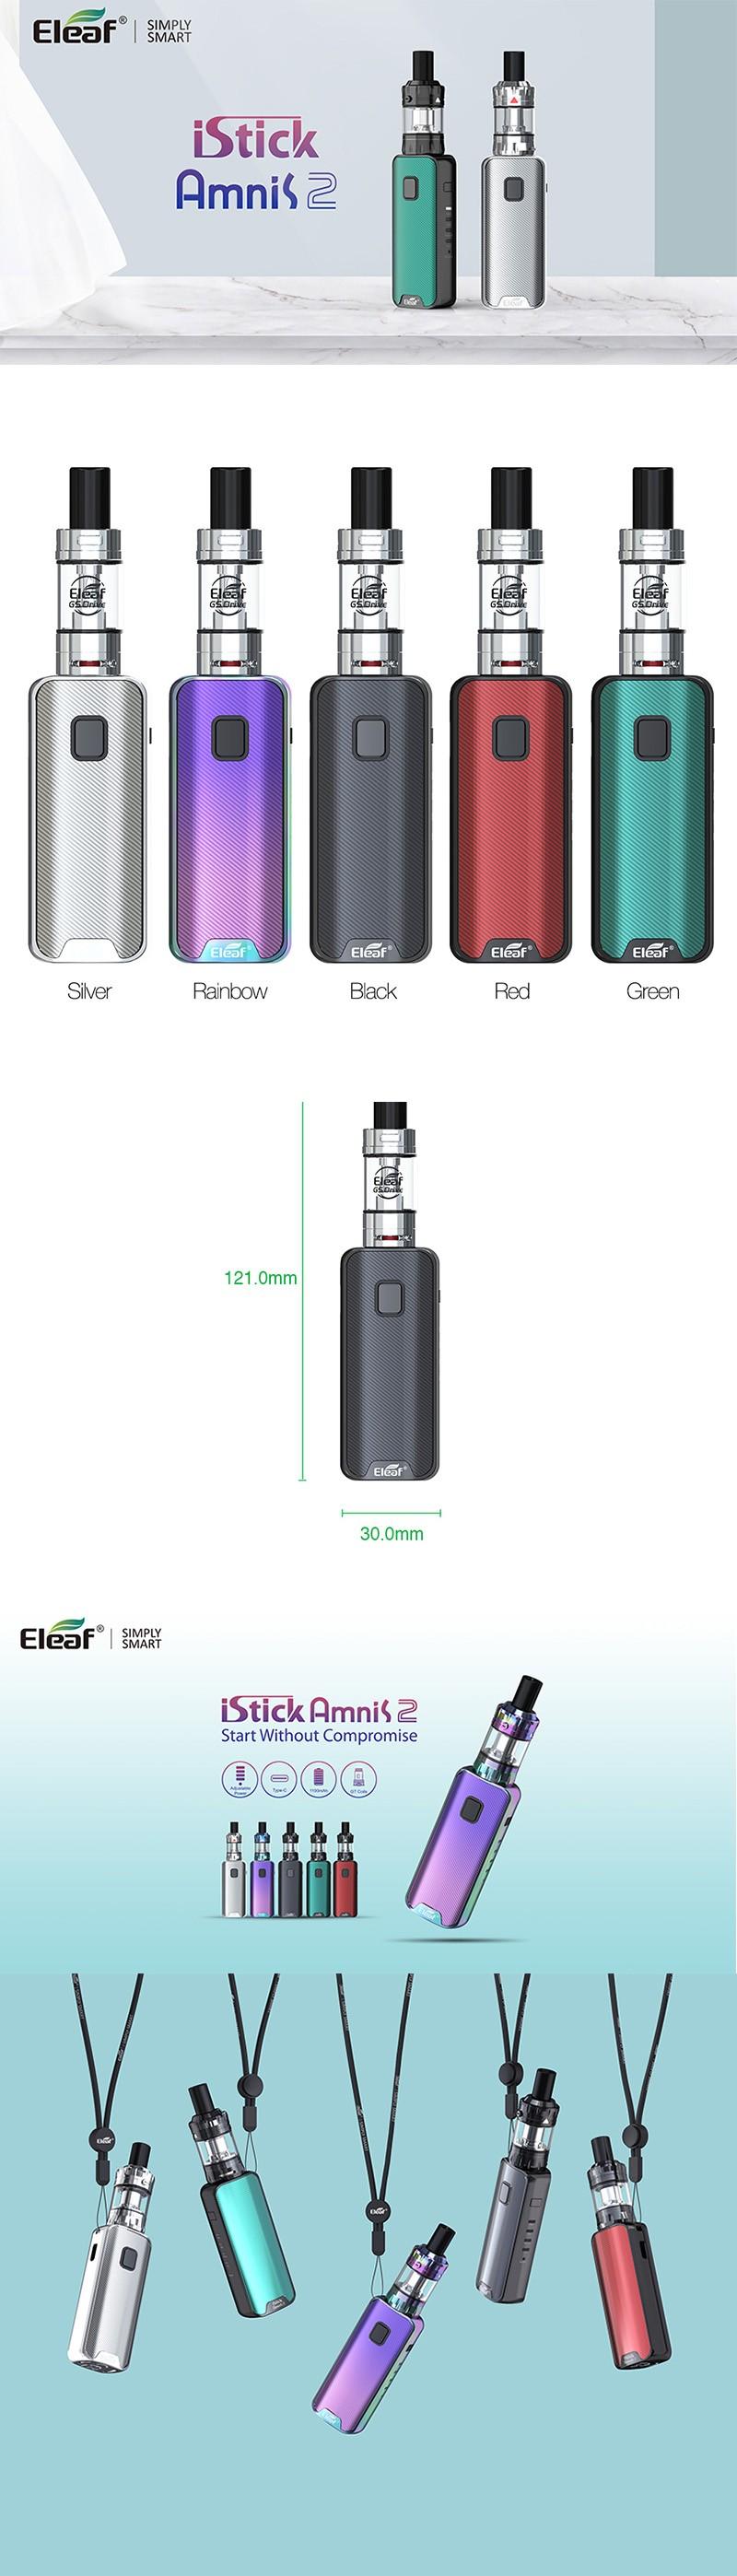 Eleaf iStick Amnis 2 1100mAh Box Mod Battery w/ GS Drive Tank Kit